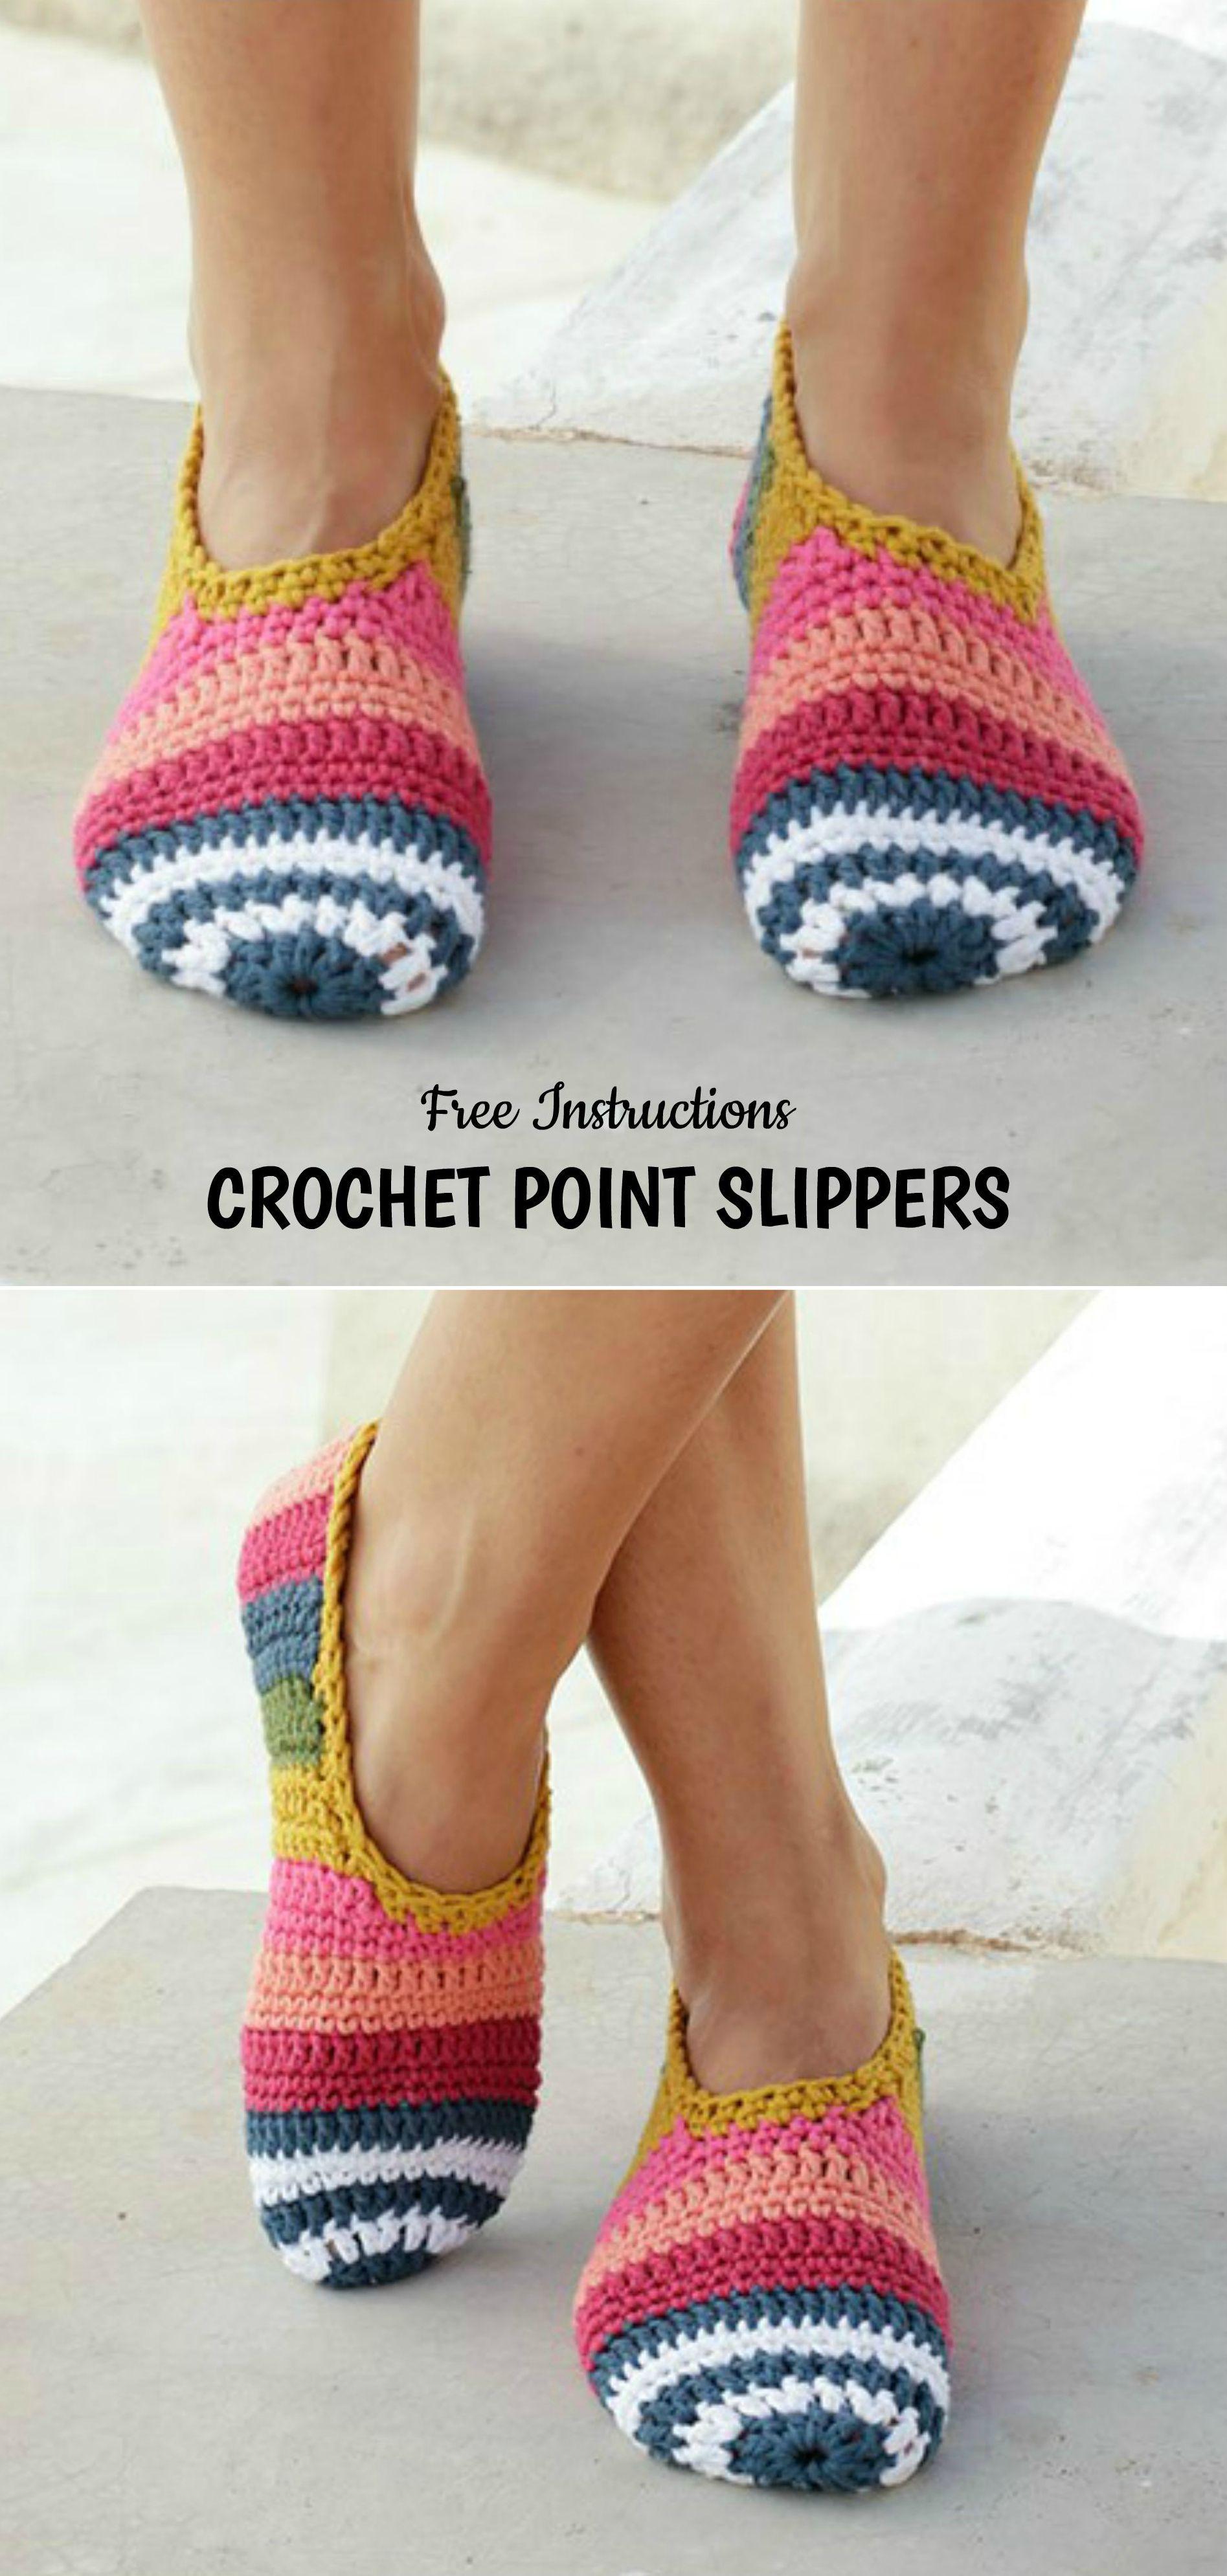 Crochet Point Slippers | Pinterest | Socken häkeln, Häkeln und ...